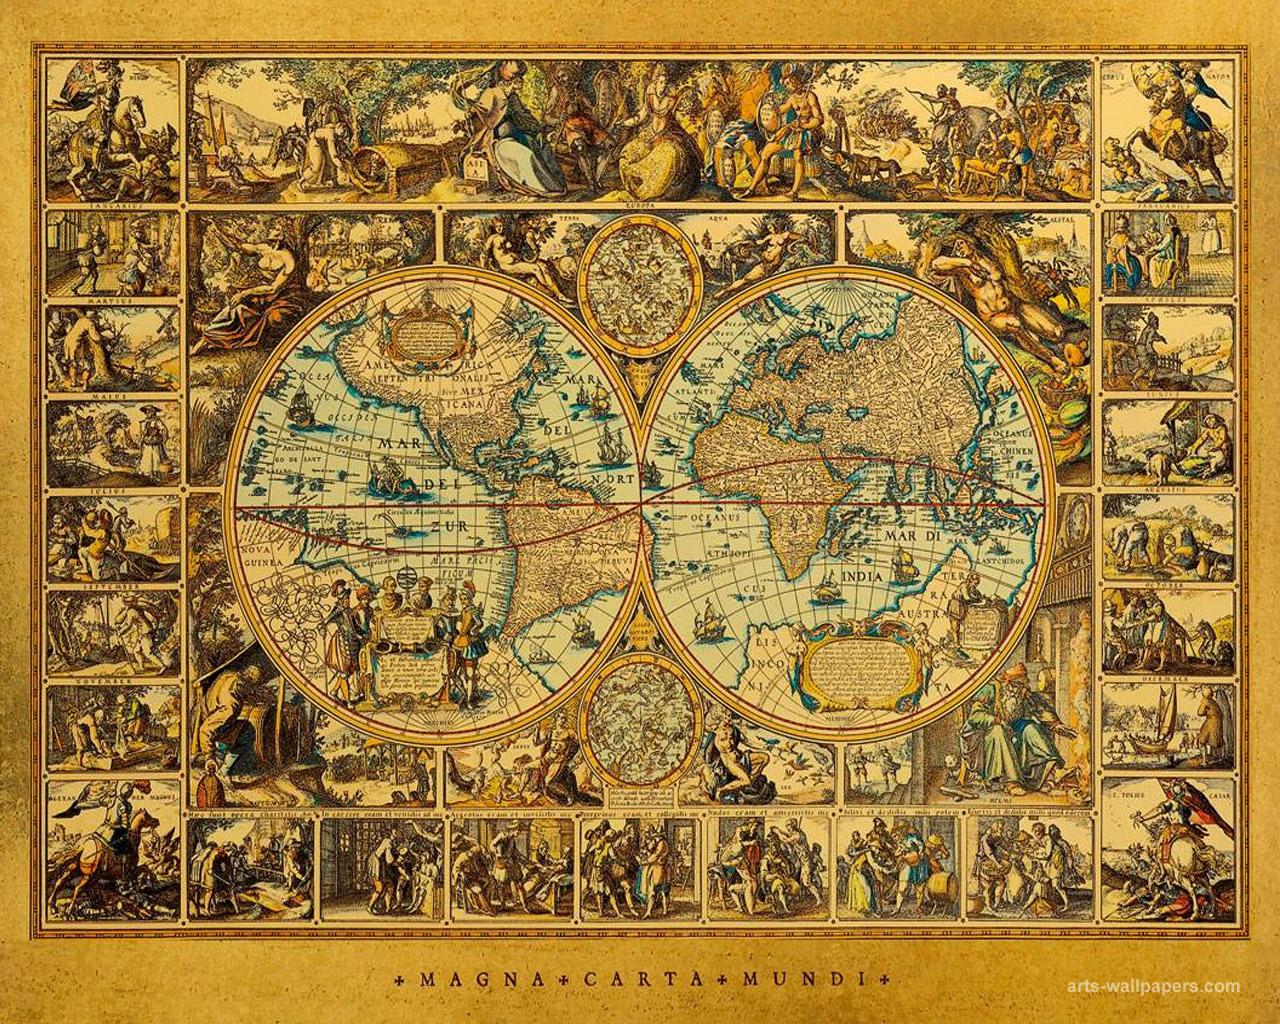 World Antique Map Wallpaper Art Print Poster Art Wallpapers 1280x1024